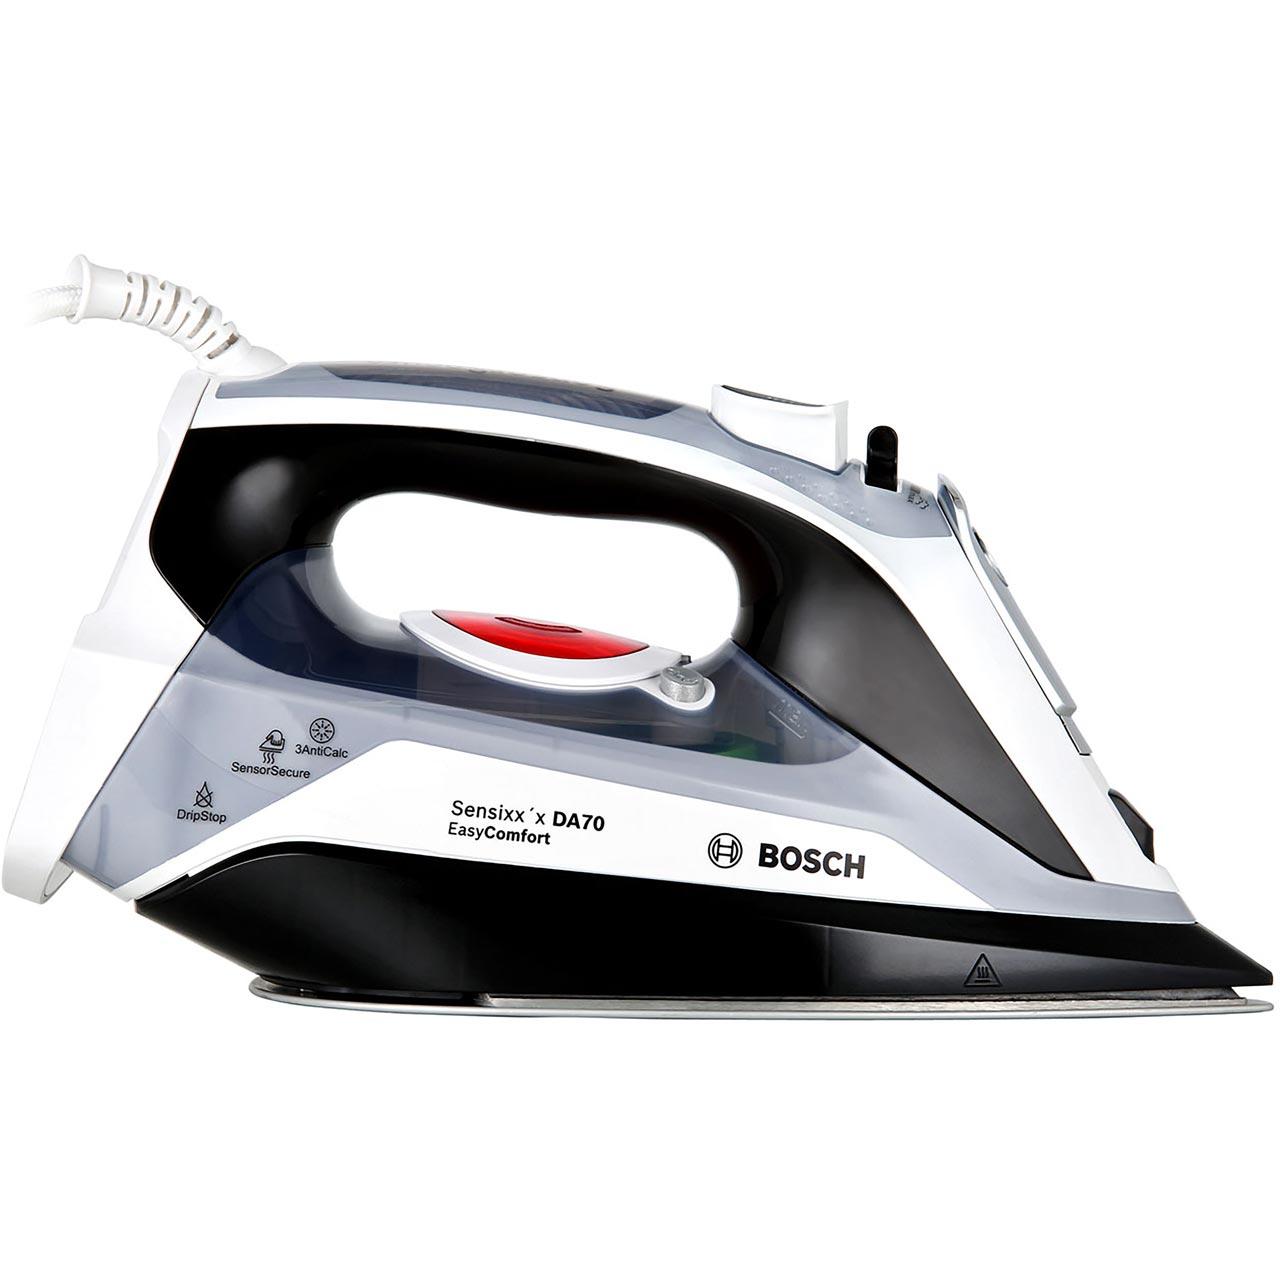 ... Bosch TDA70EYGB 2400 Watt Iron -White   Black - TDA70EYGB WH - 1 ... 52a37716f70